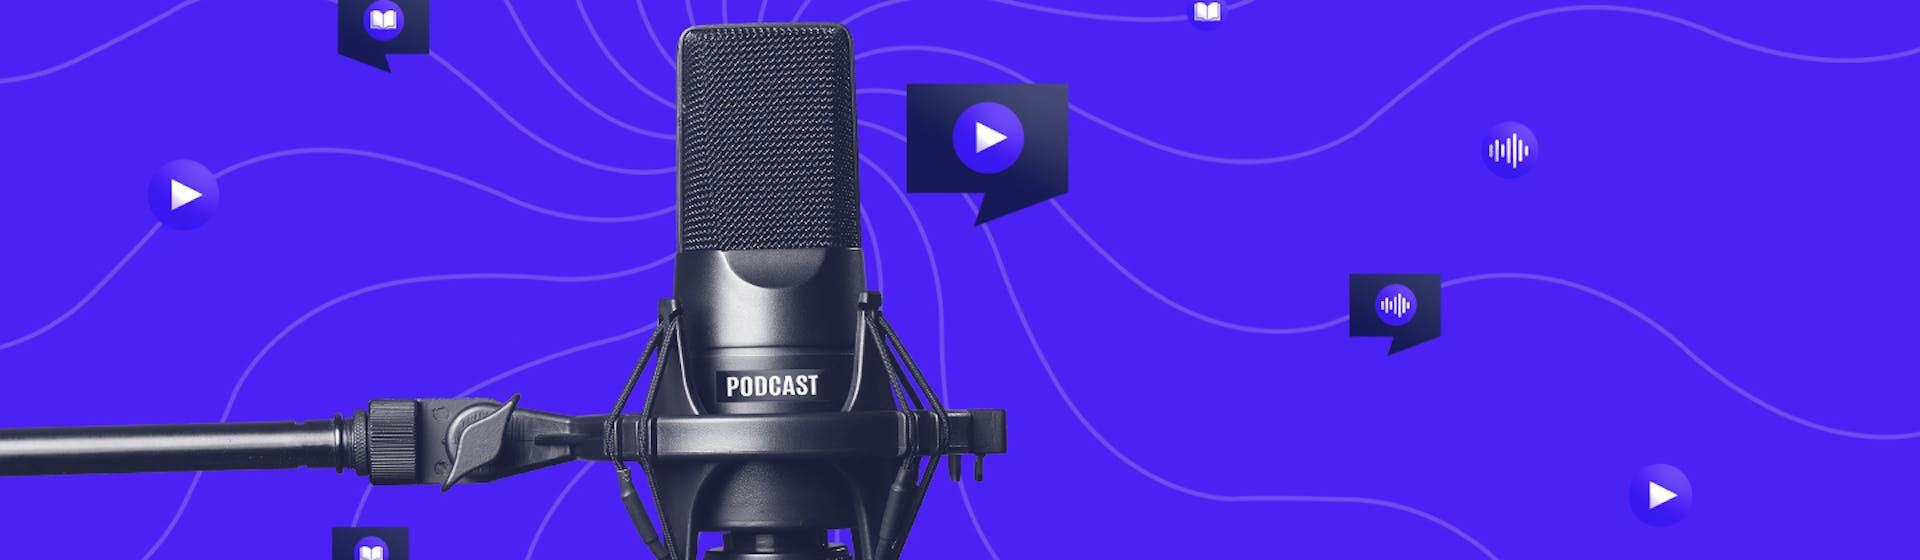 Conoce los elementos de un podcast y ¡haz que te escuchen!